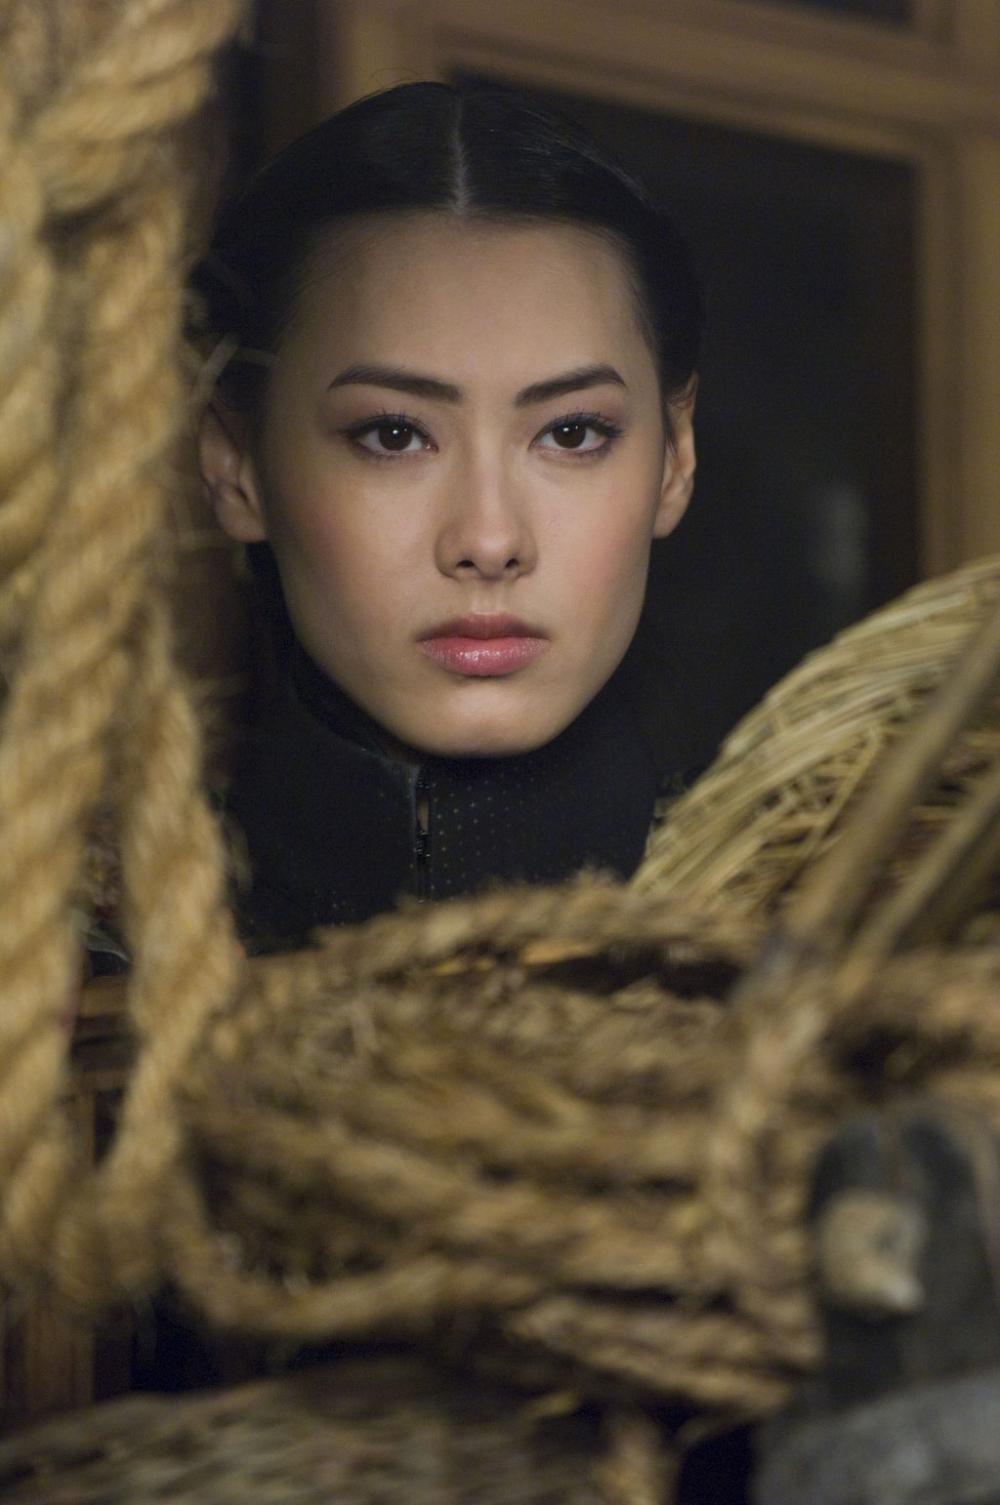 кадры из фильма Мумия: Гробница императора драконов Изабелла Леонг,